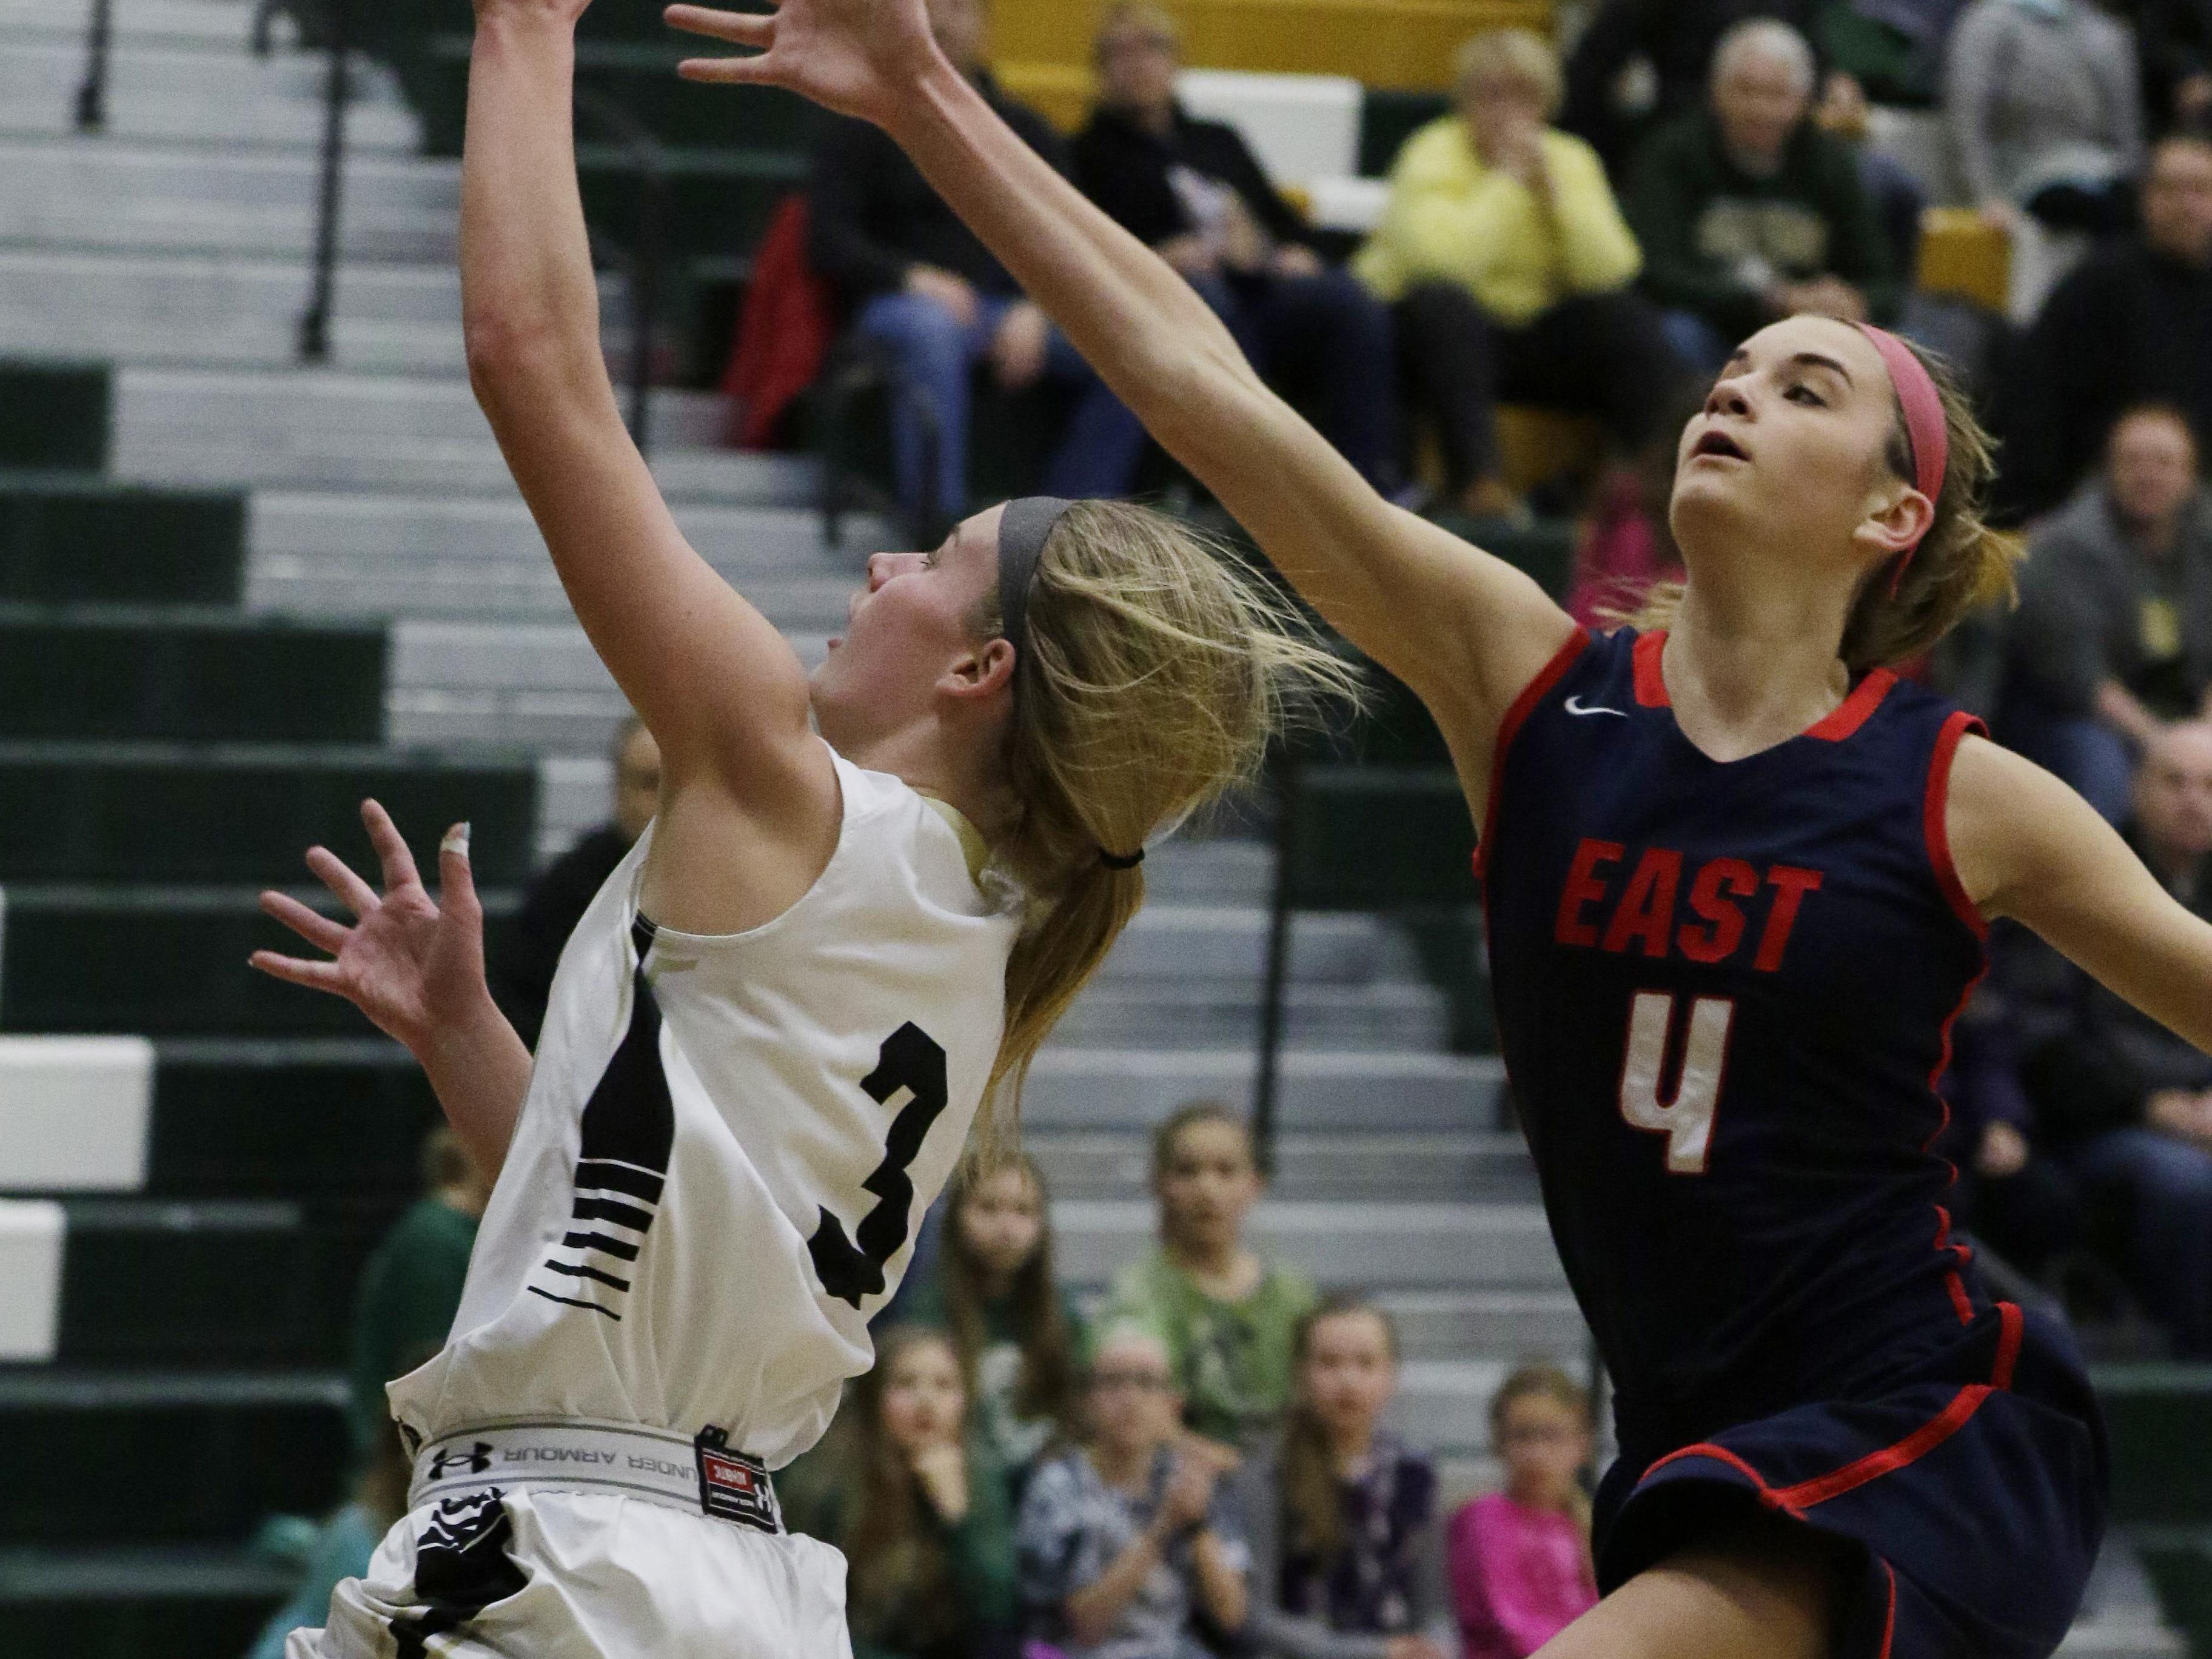 Oshkosh North's Ashley Wissink puts up a shot over Lexie Schneider of Appleton East on Friday in Oshkosh.